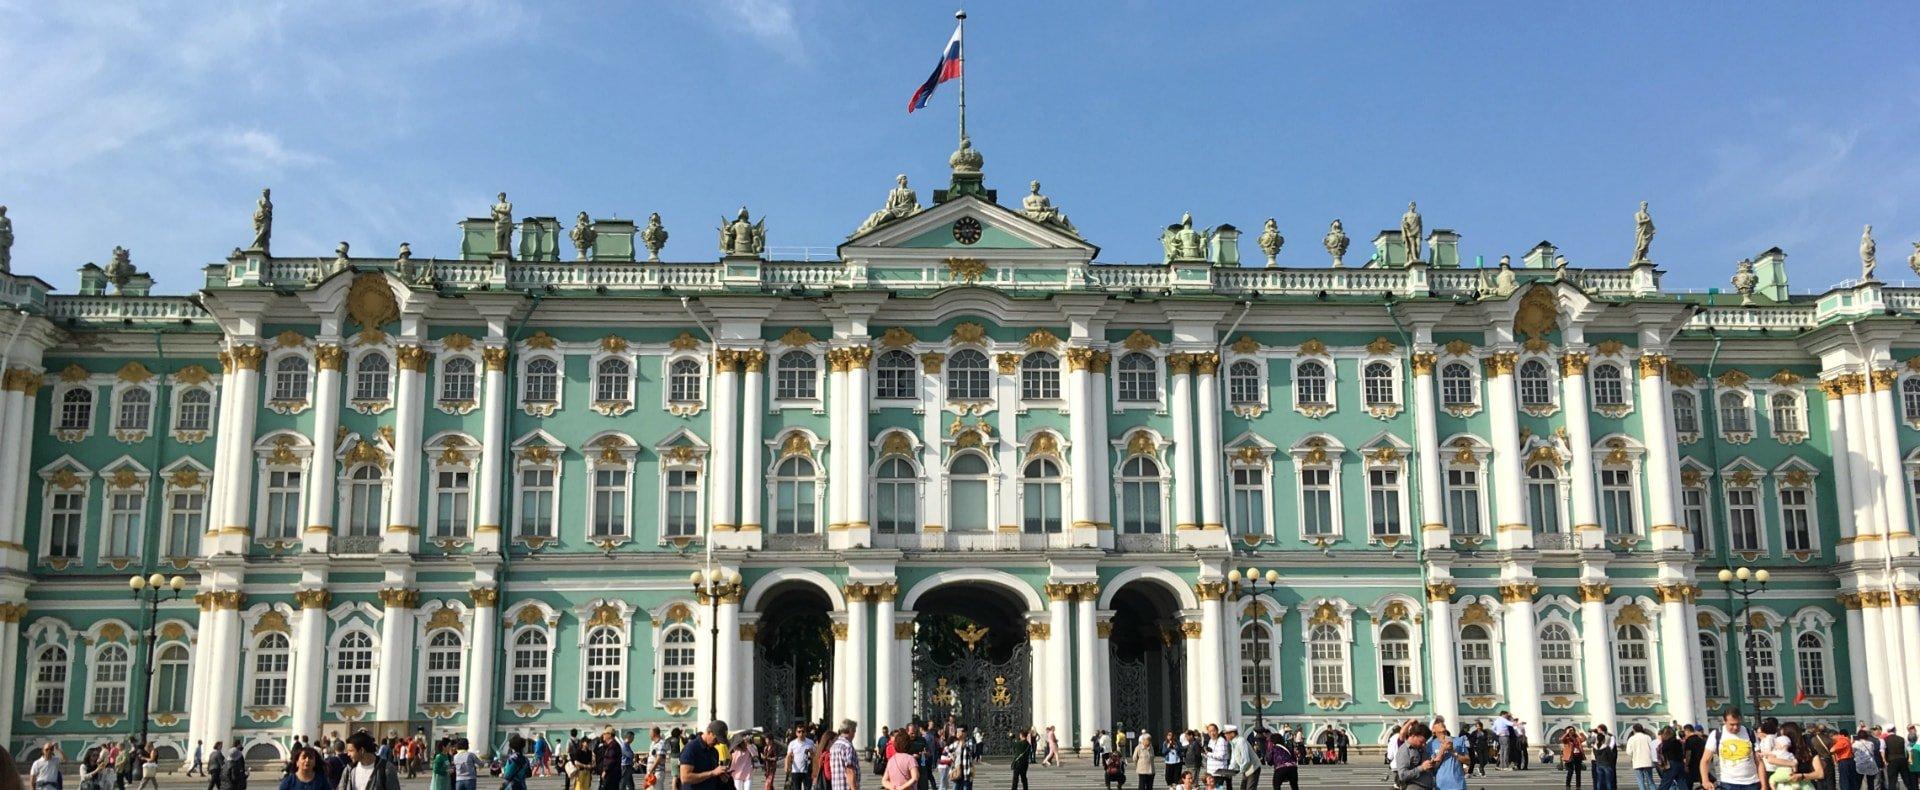 Hermitage Museum, St. Petersburg, Russia Gallery